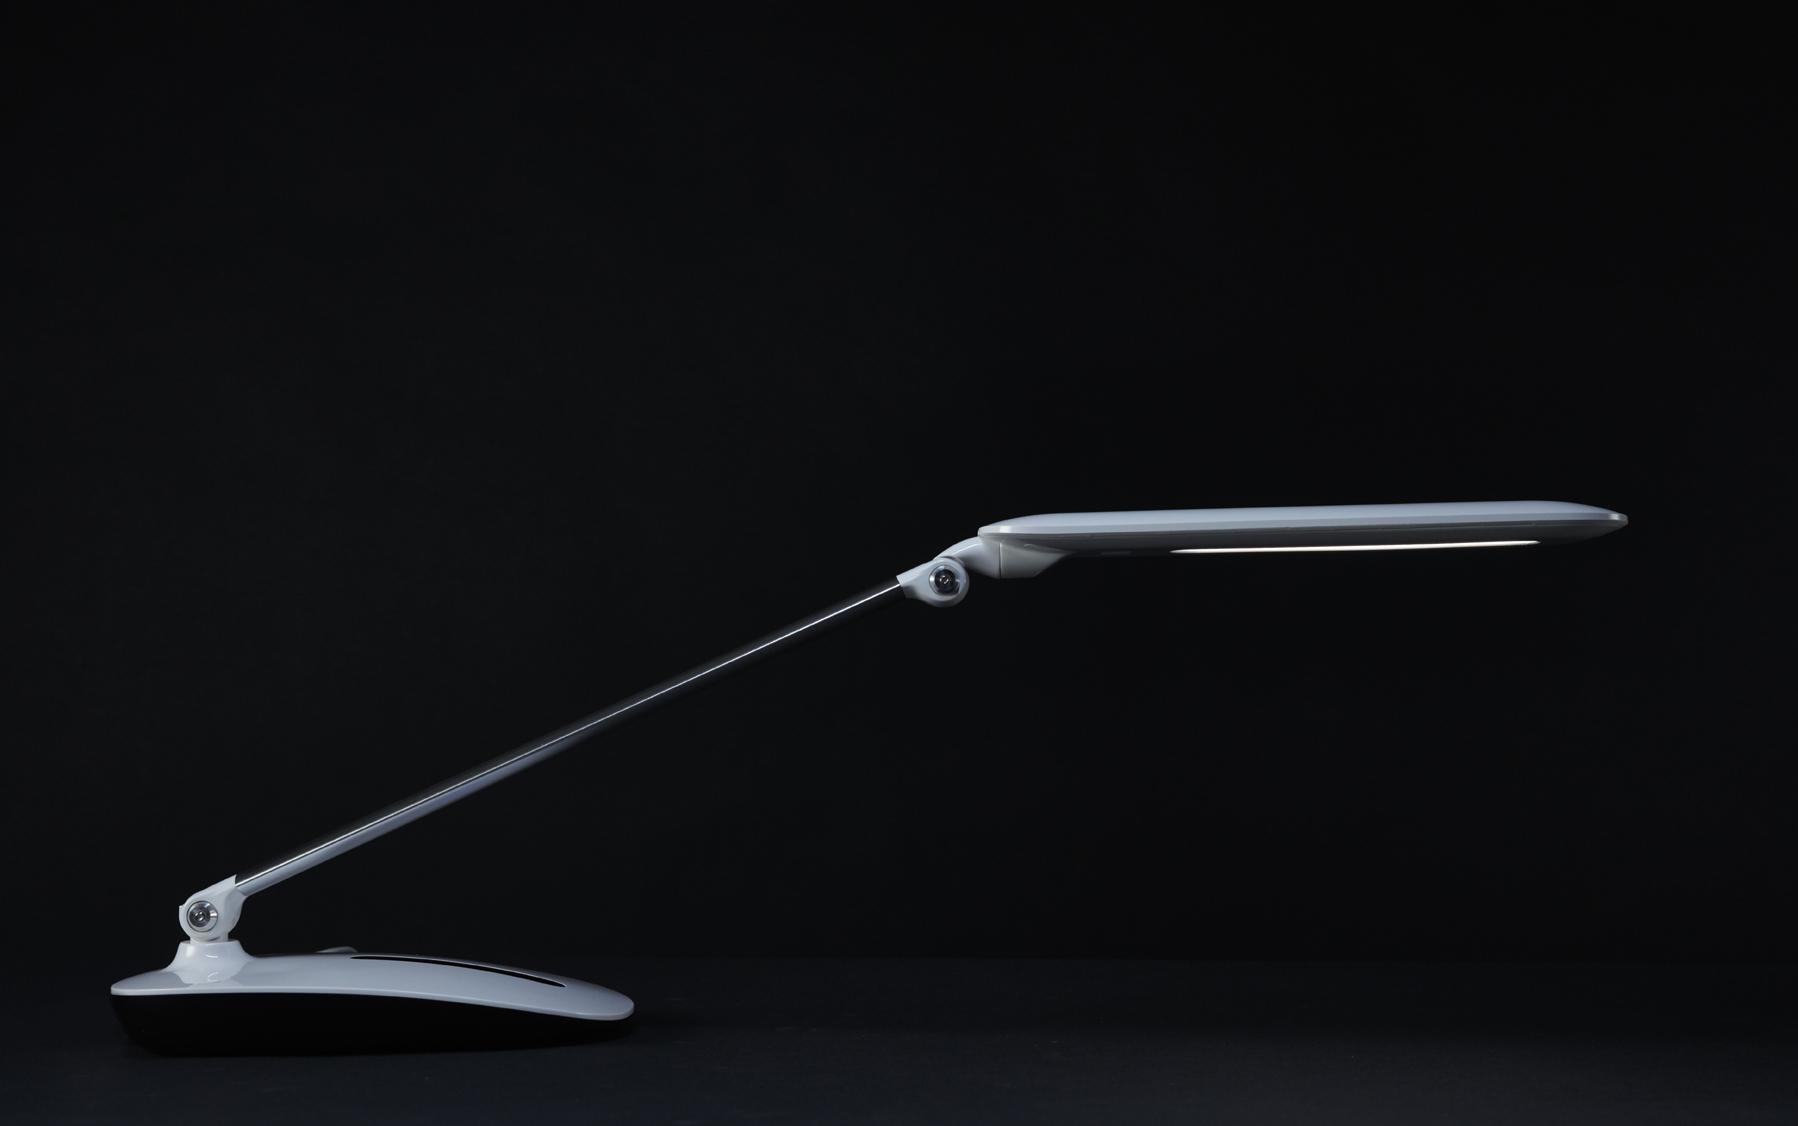 ottlite-slide-lamp-extended